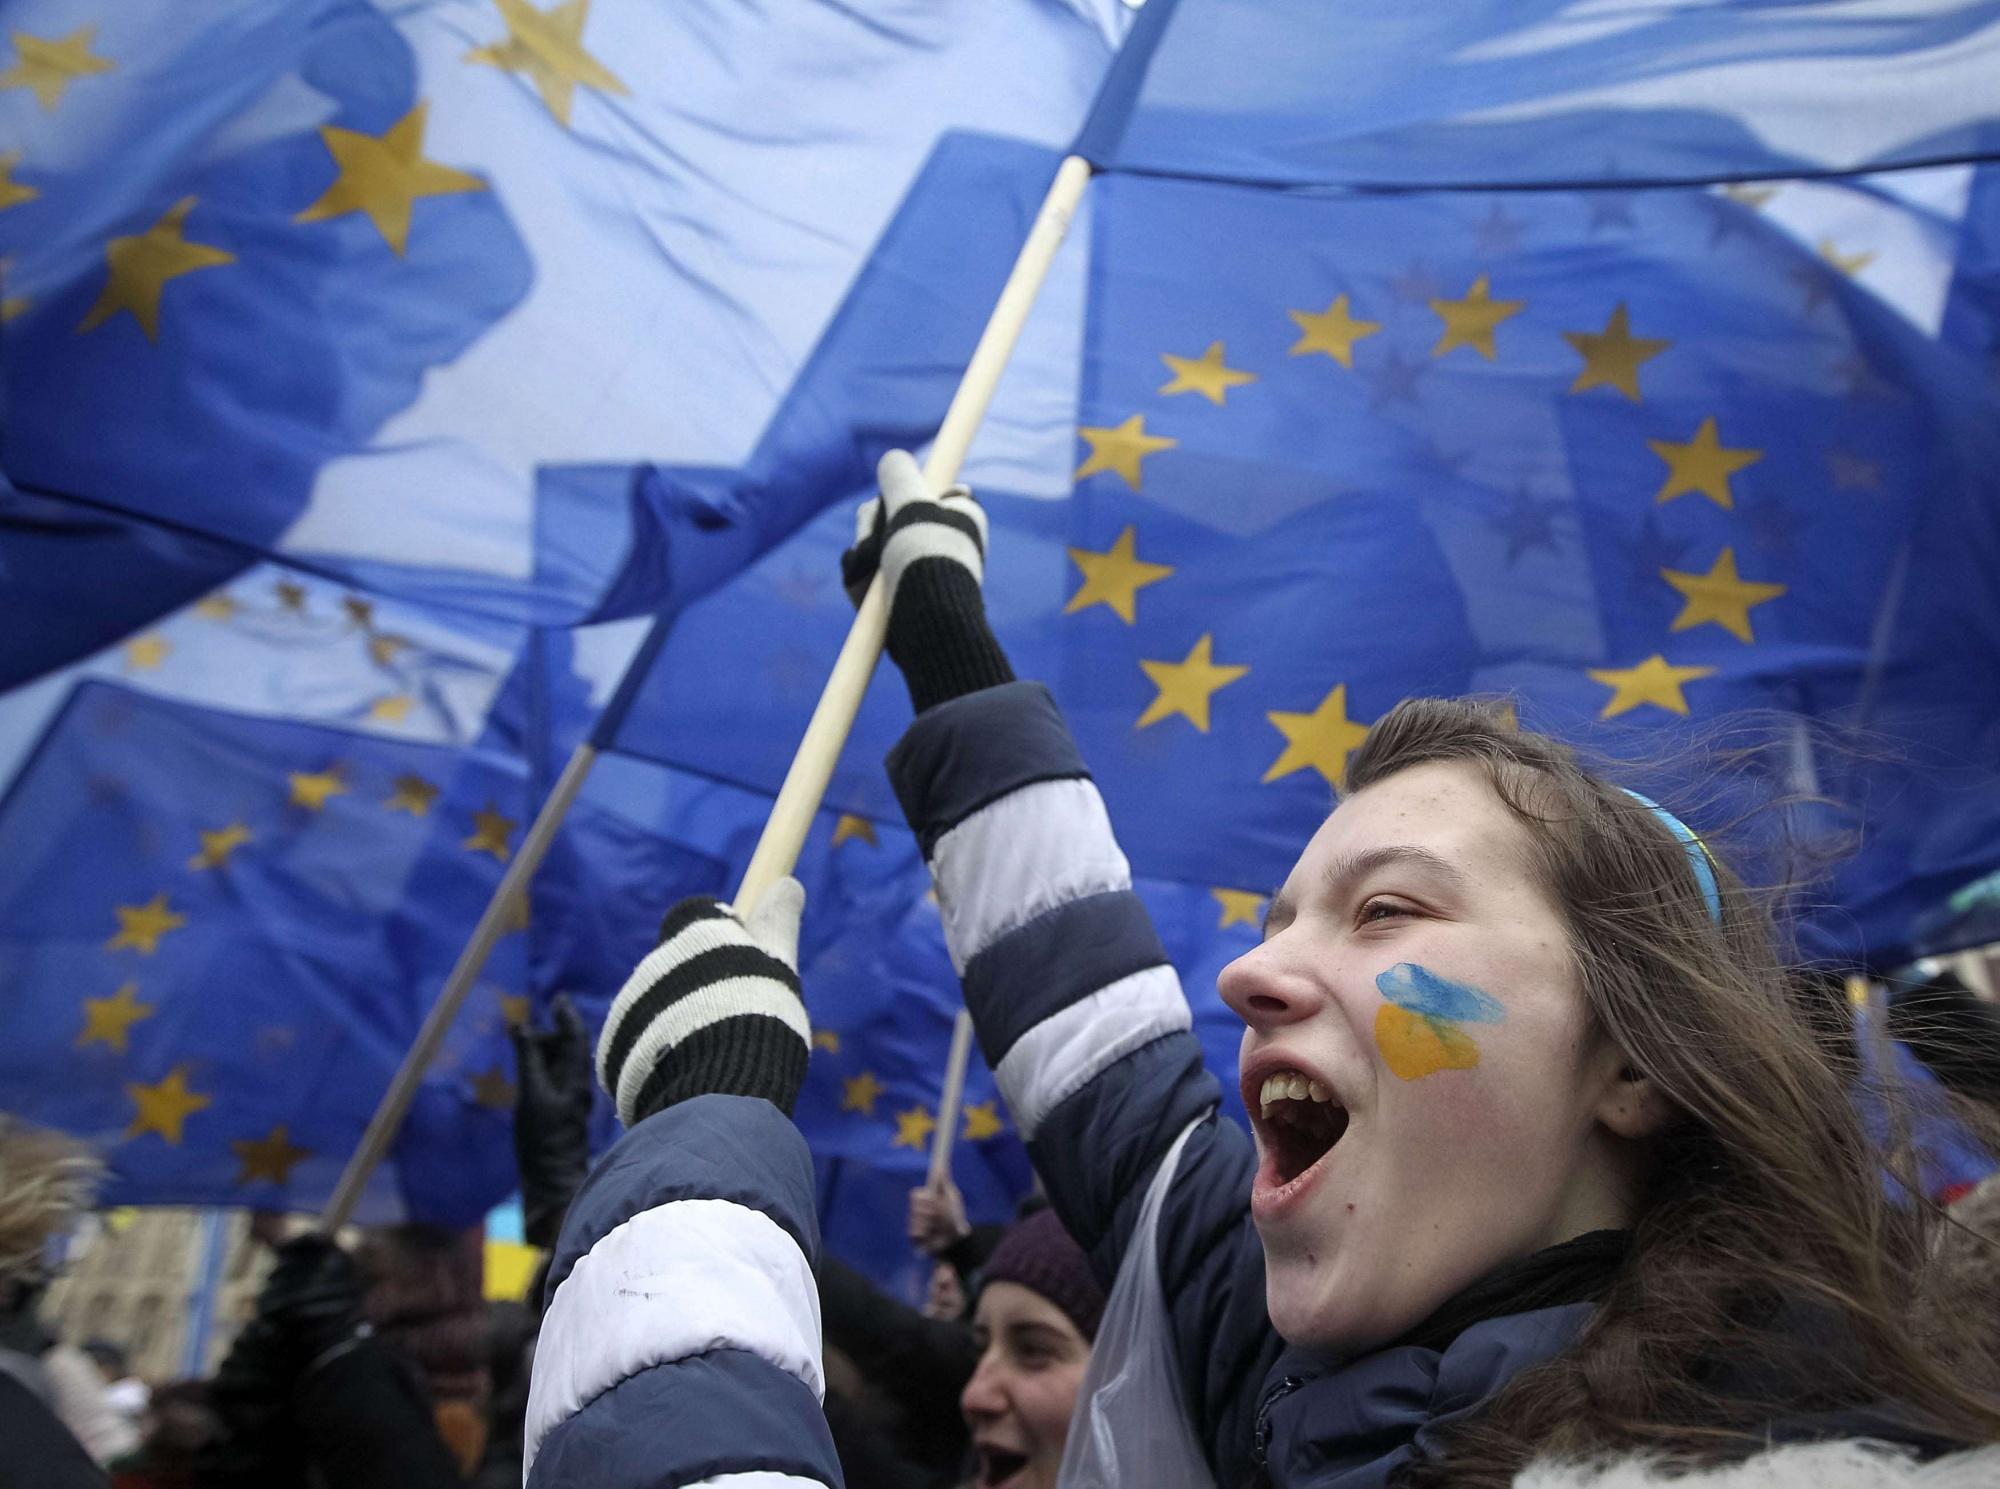 Теперь бизнес в отчаянии – на Украине поняли, почему Янукович не шел на сделку с ЕС